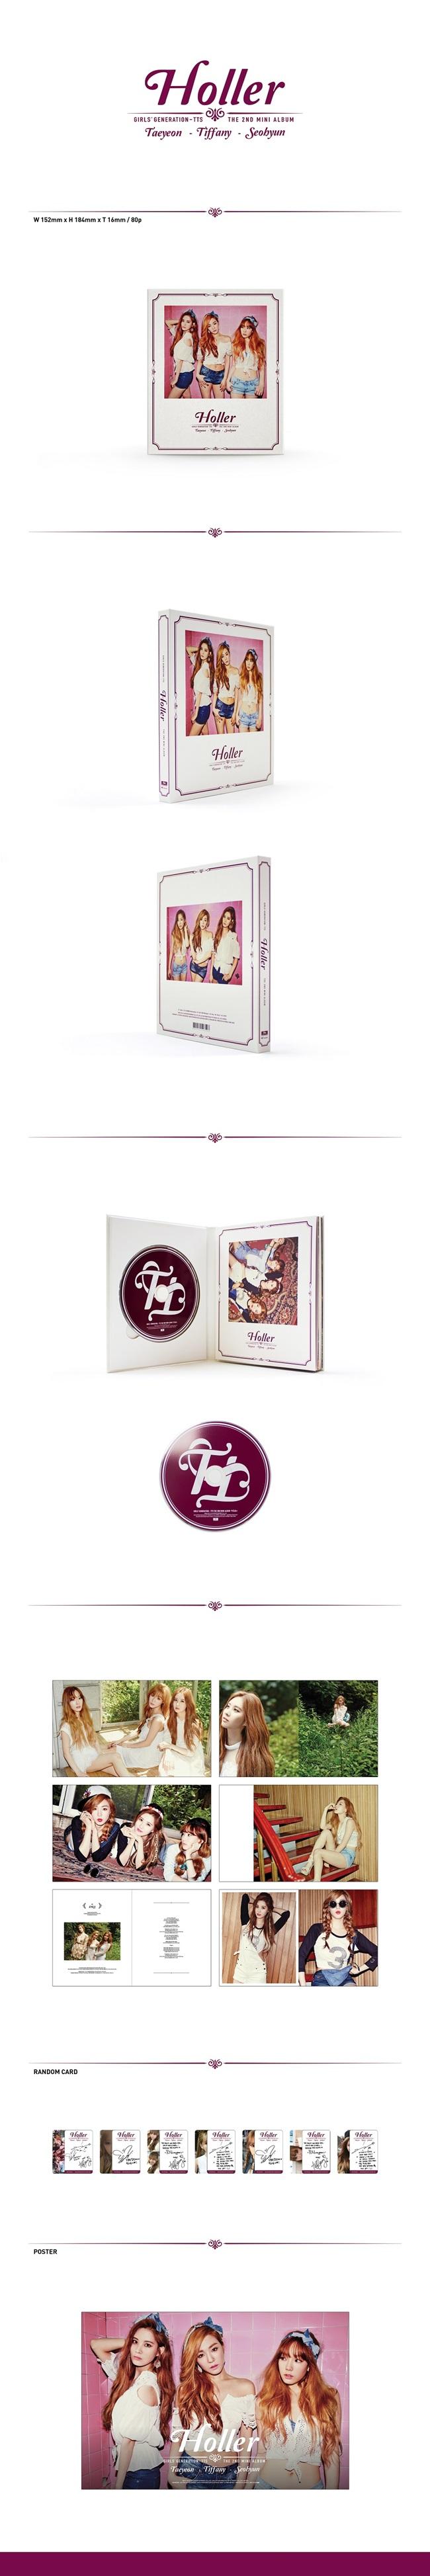 少女時代 テティソ(THE TAETISEO) Holler 2NDミニアルバム(韓国盤)